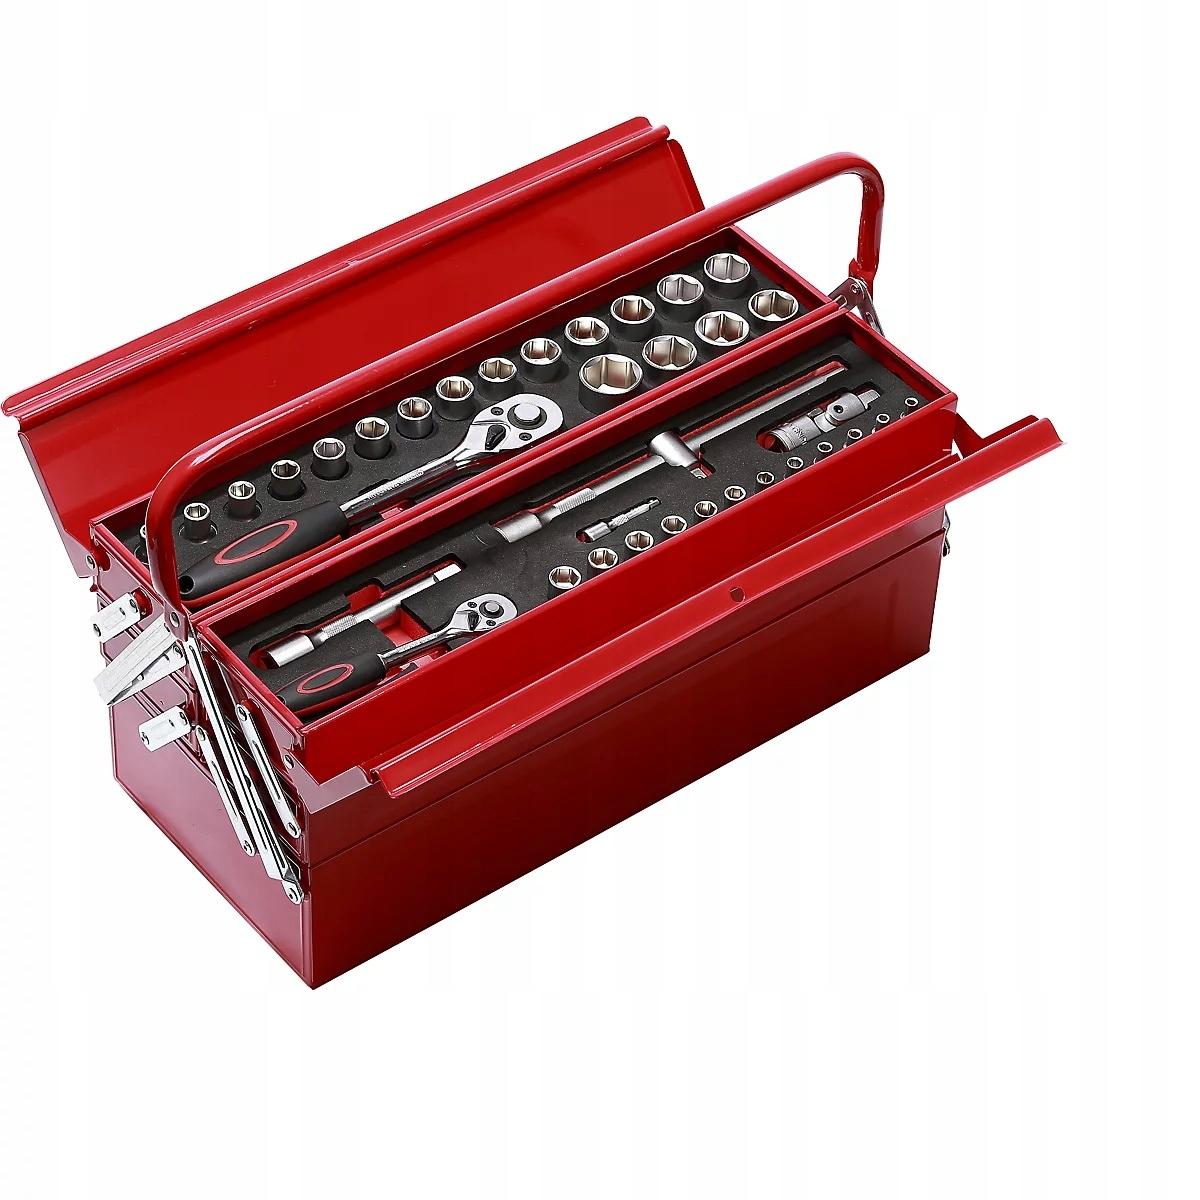 Solidna walizka z narzędziami we wkładach